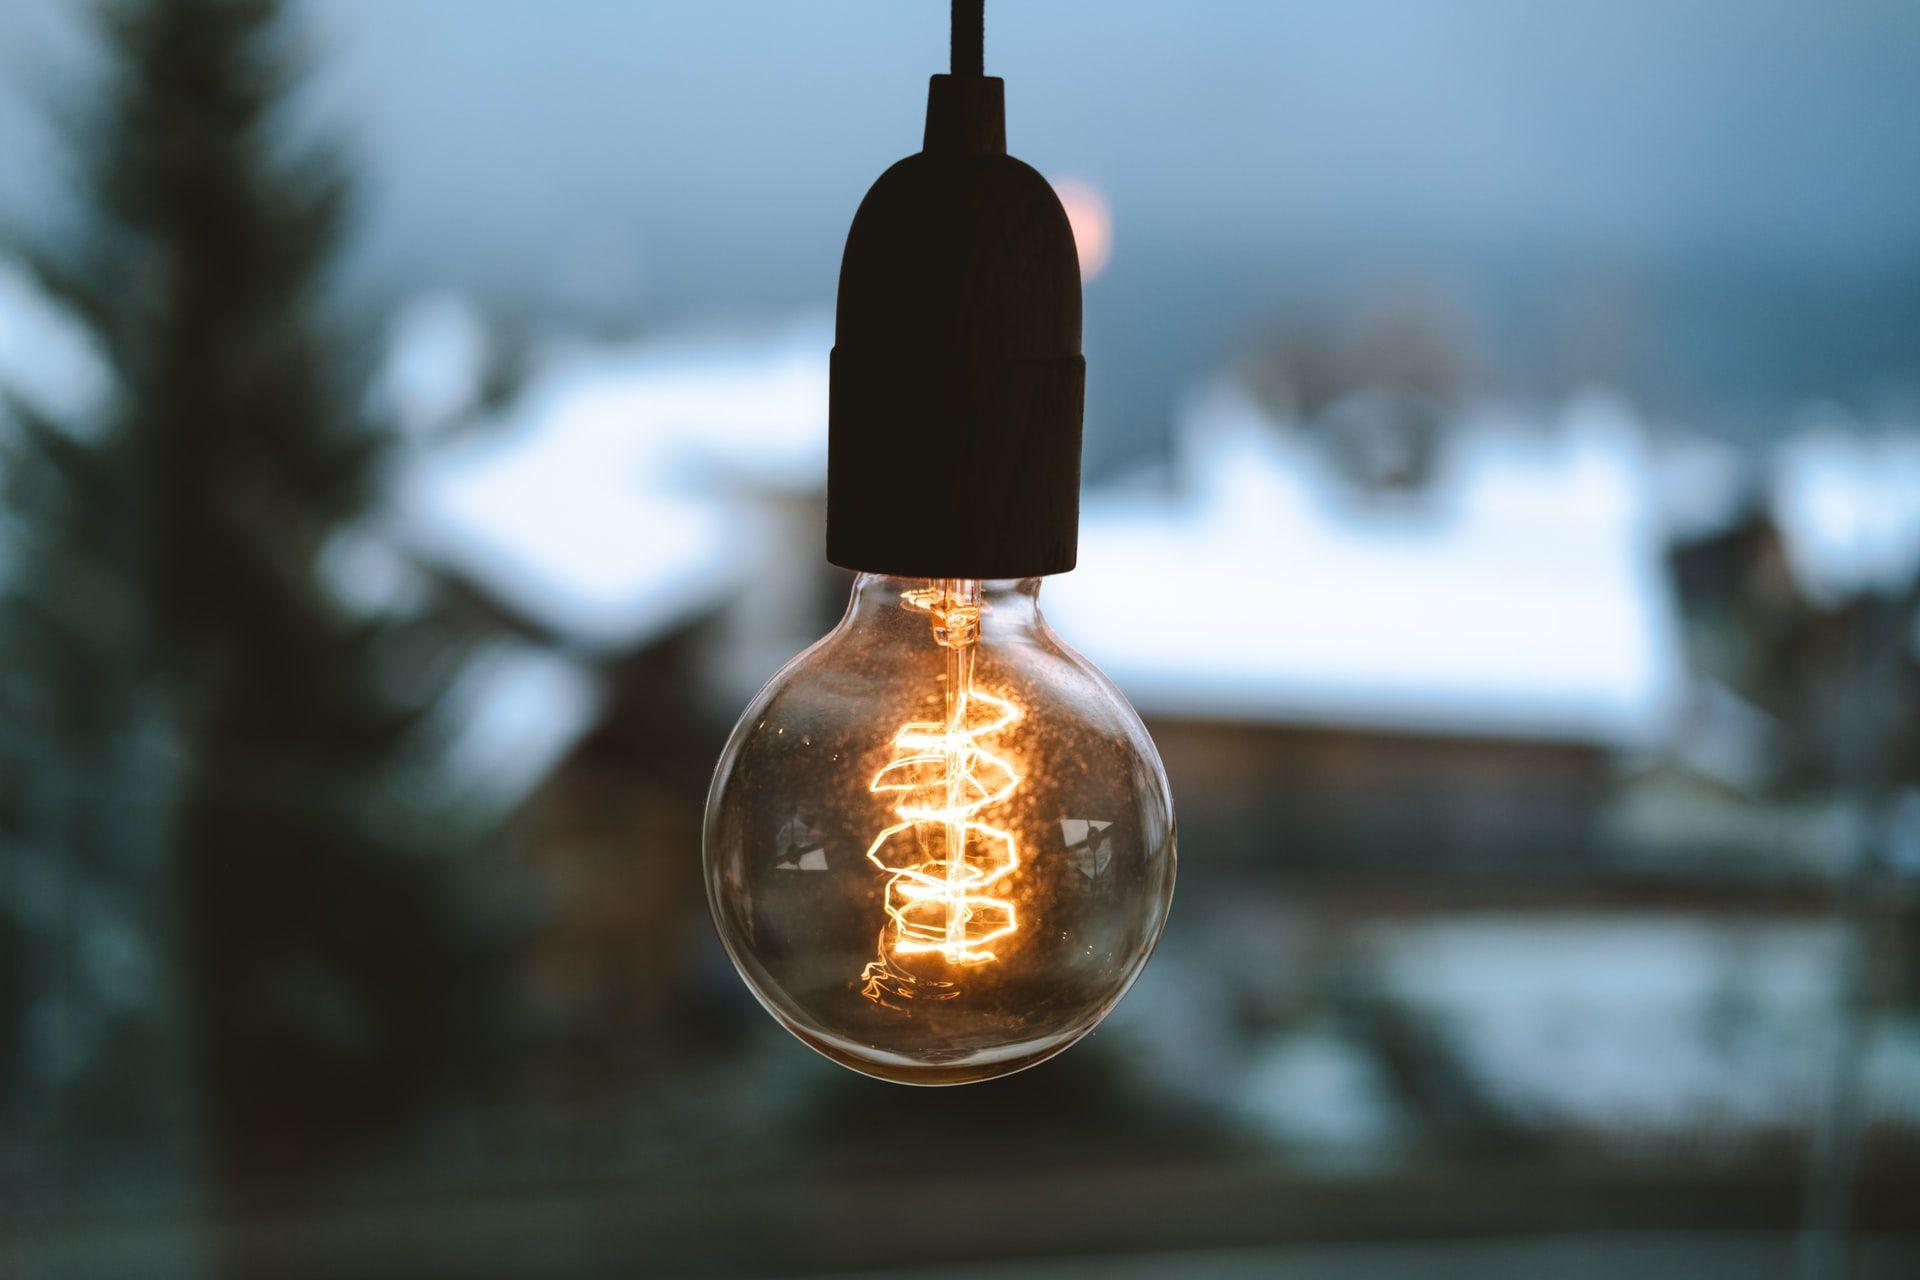 Не довіряйте лампочкам. Як хакери ламають «розумний» дім